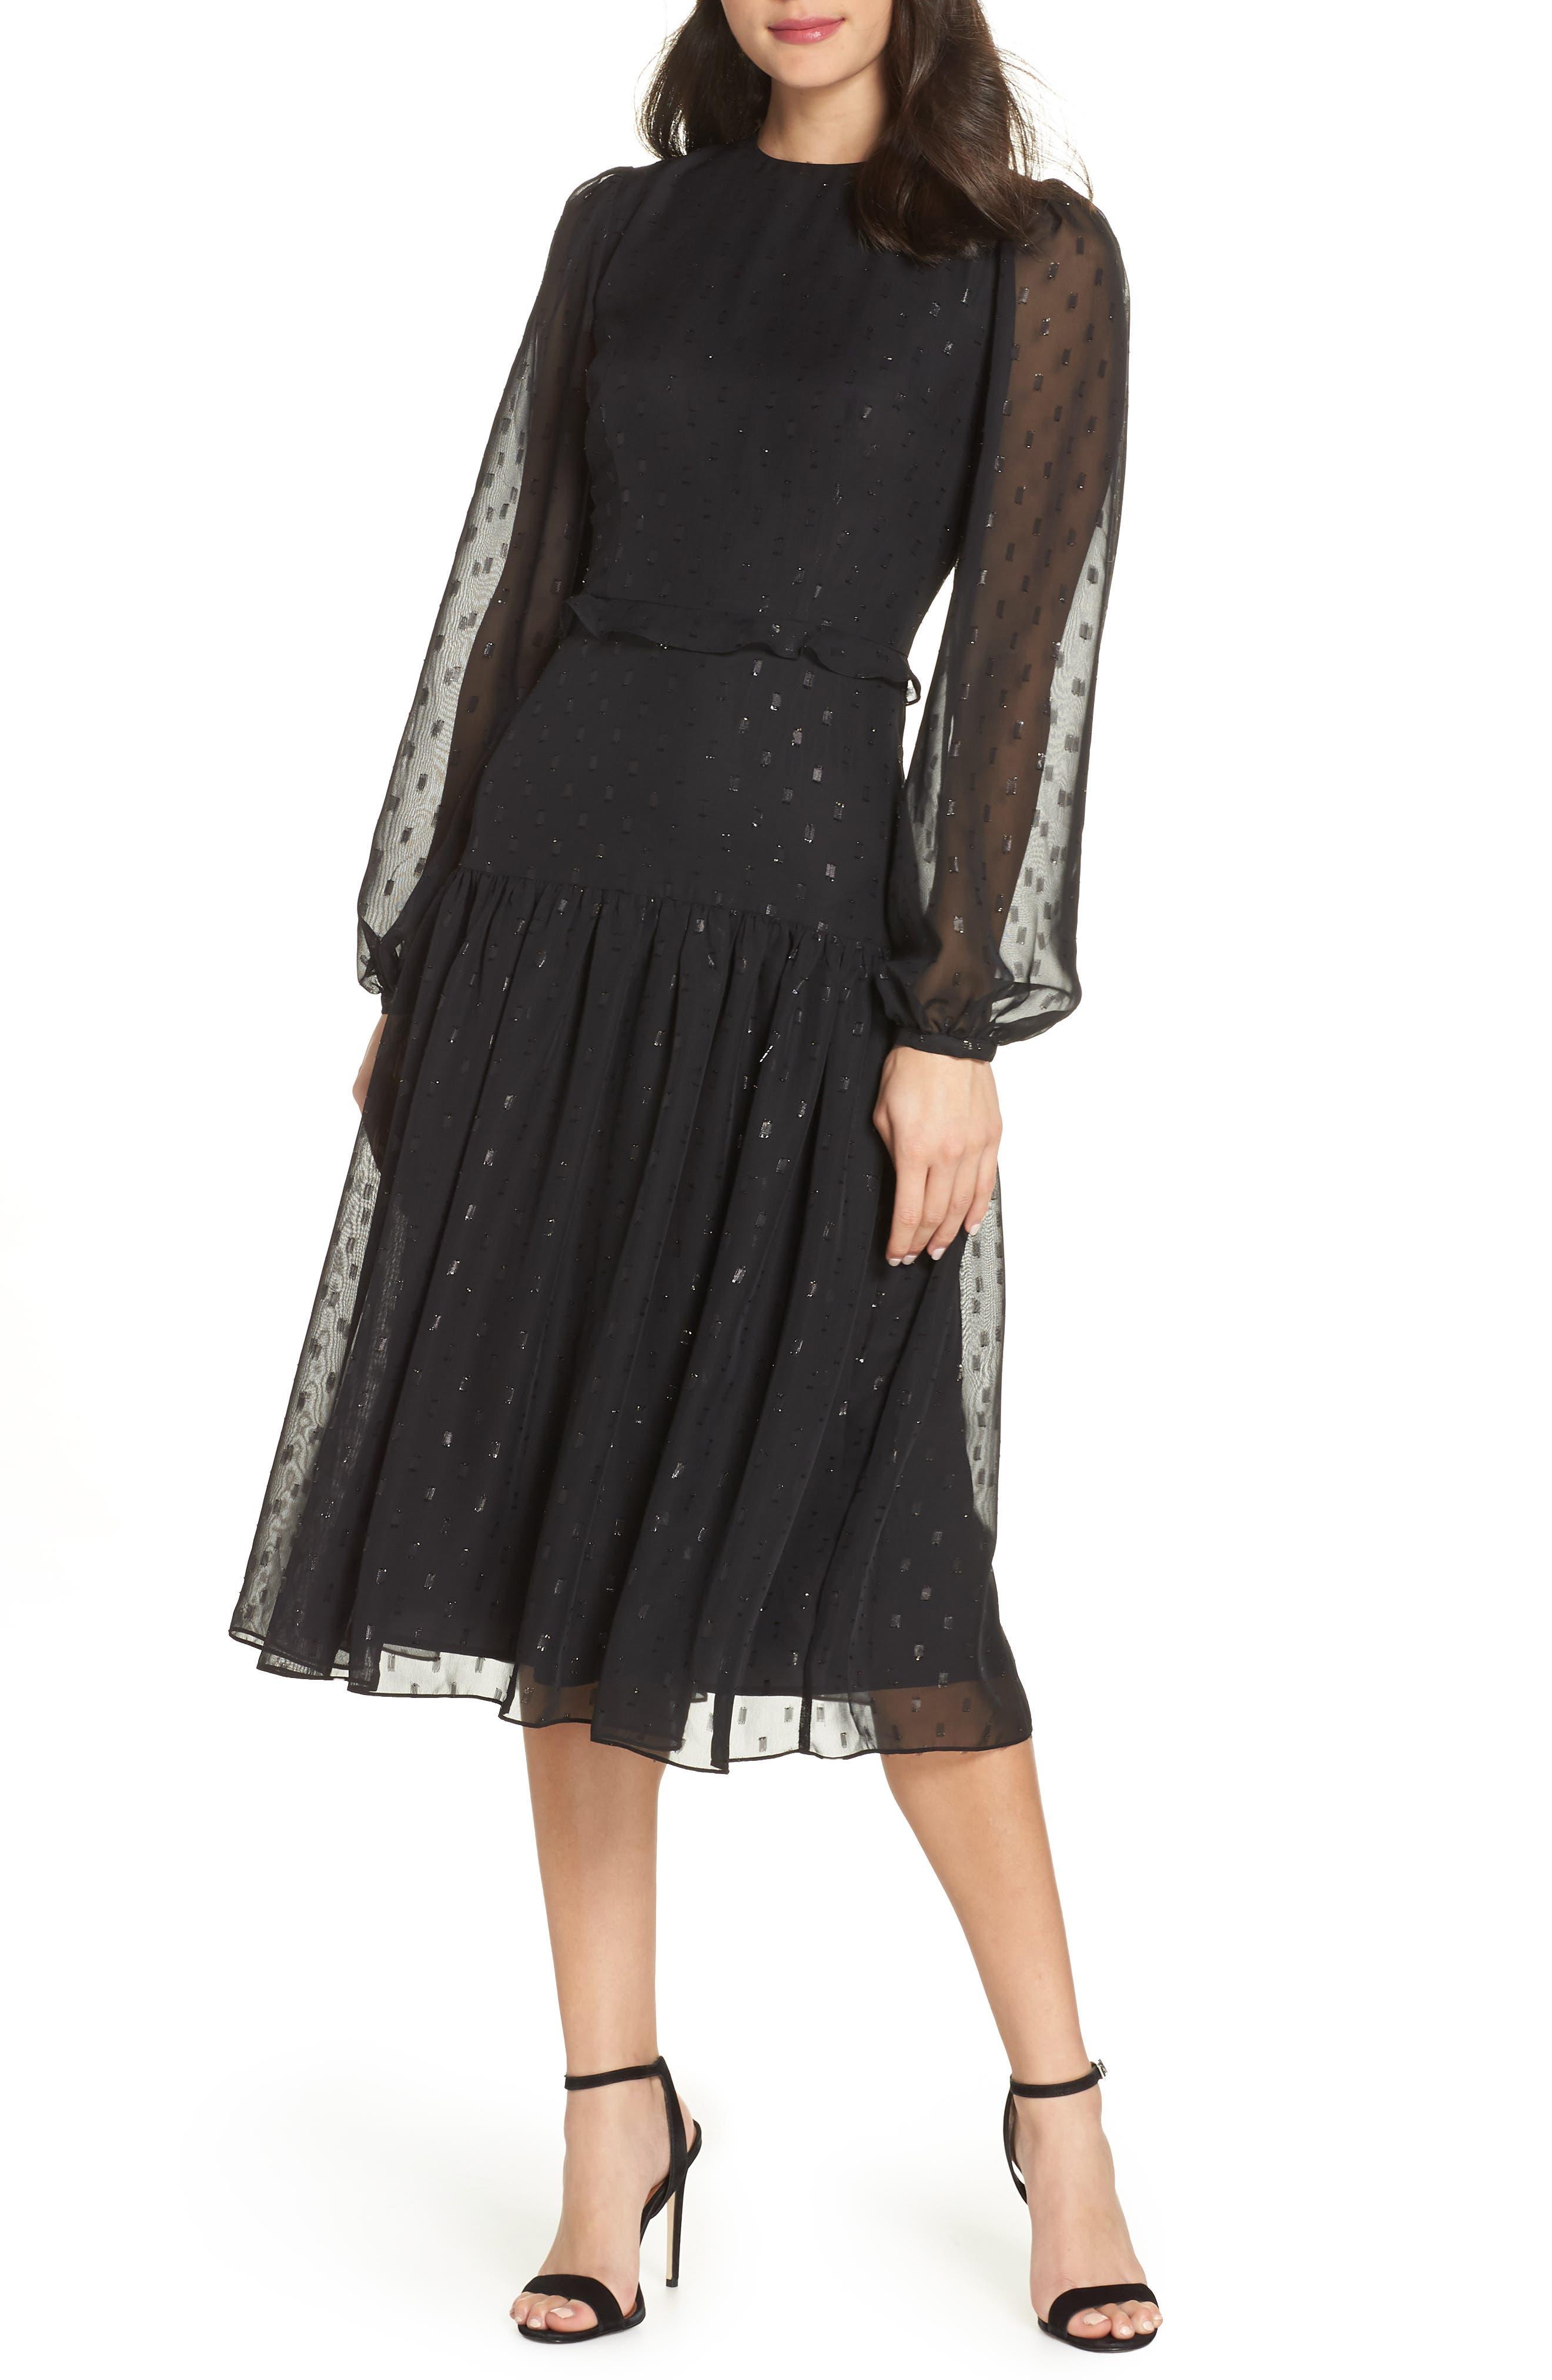 Chelsea28 Fil Coupe Midi Dress, (similar to 1-1) - Black